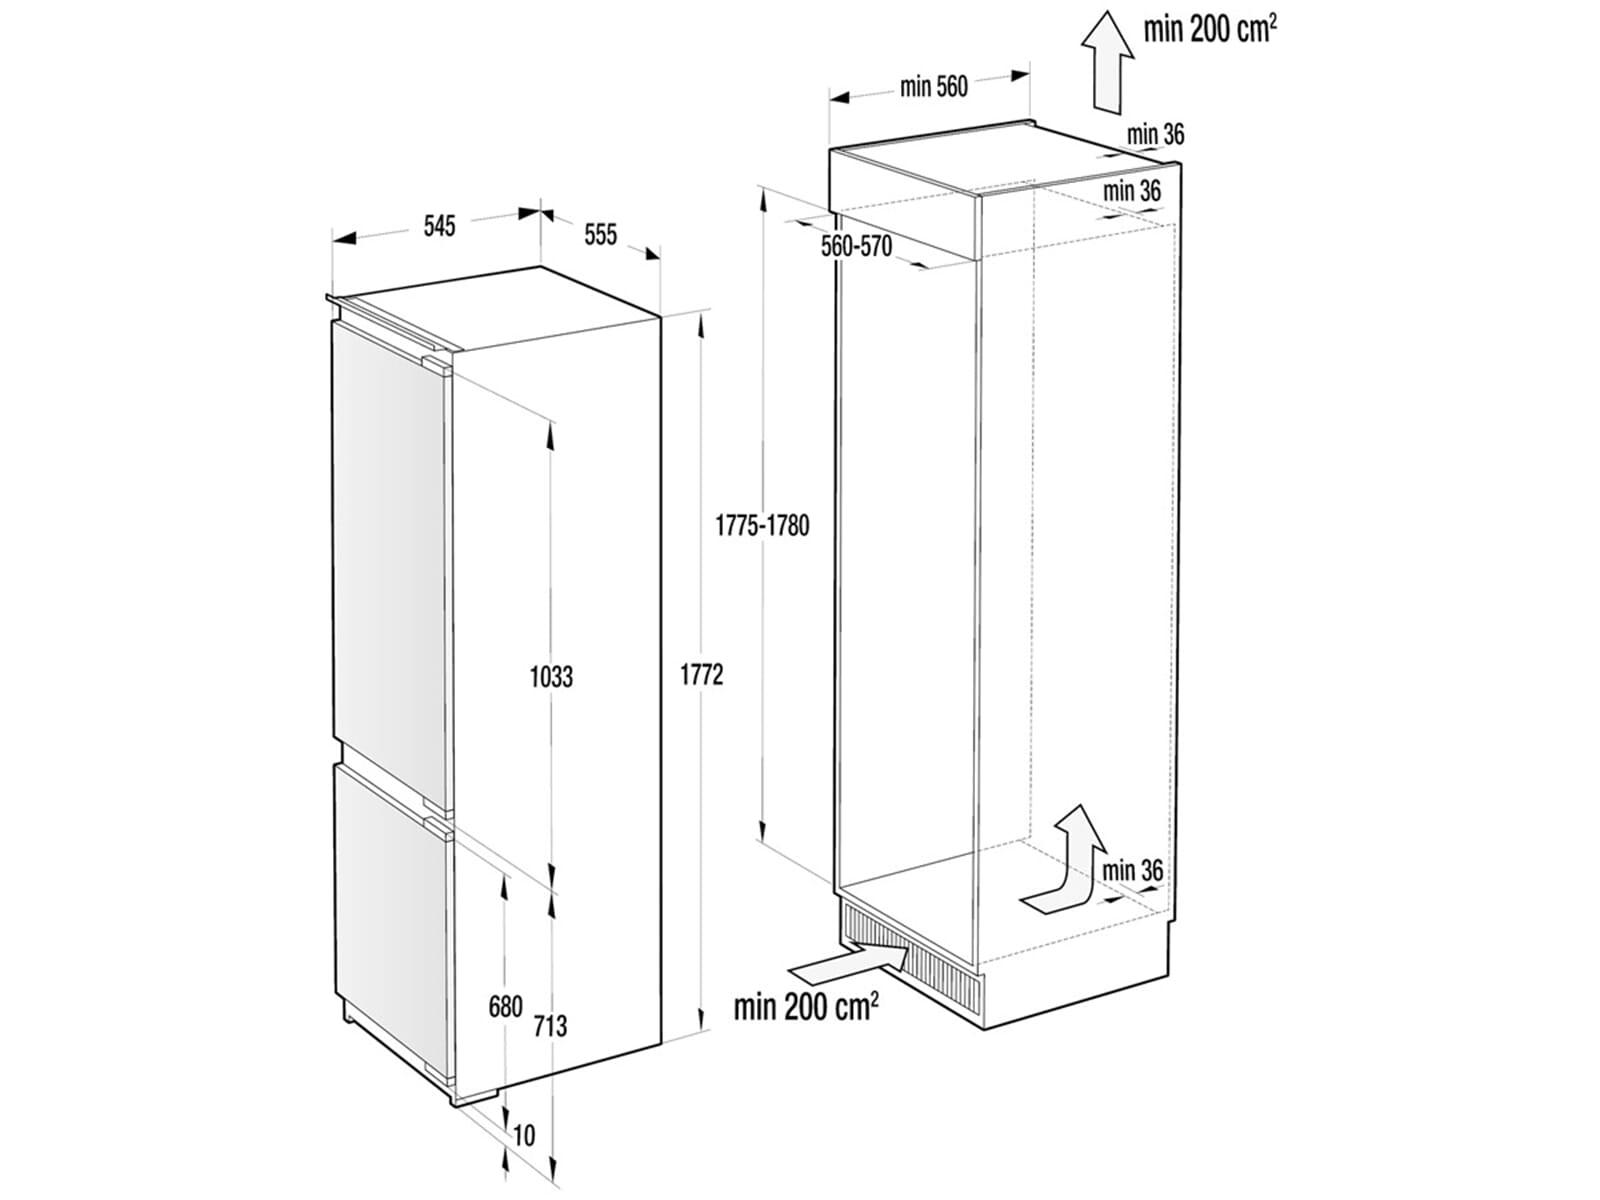 gorenje rki 5182 e1 einbau k hl gefrierkombination. Black Bedroom Furniture Sets. Home Design Ideas